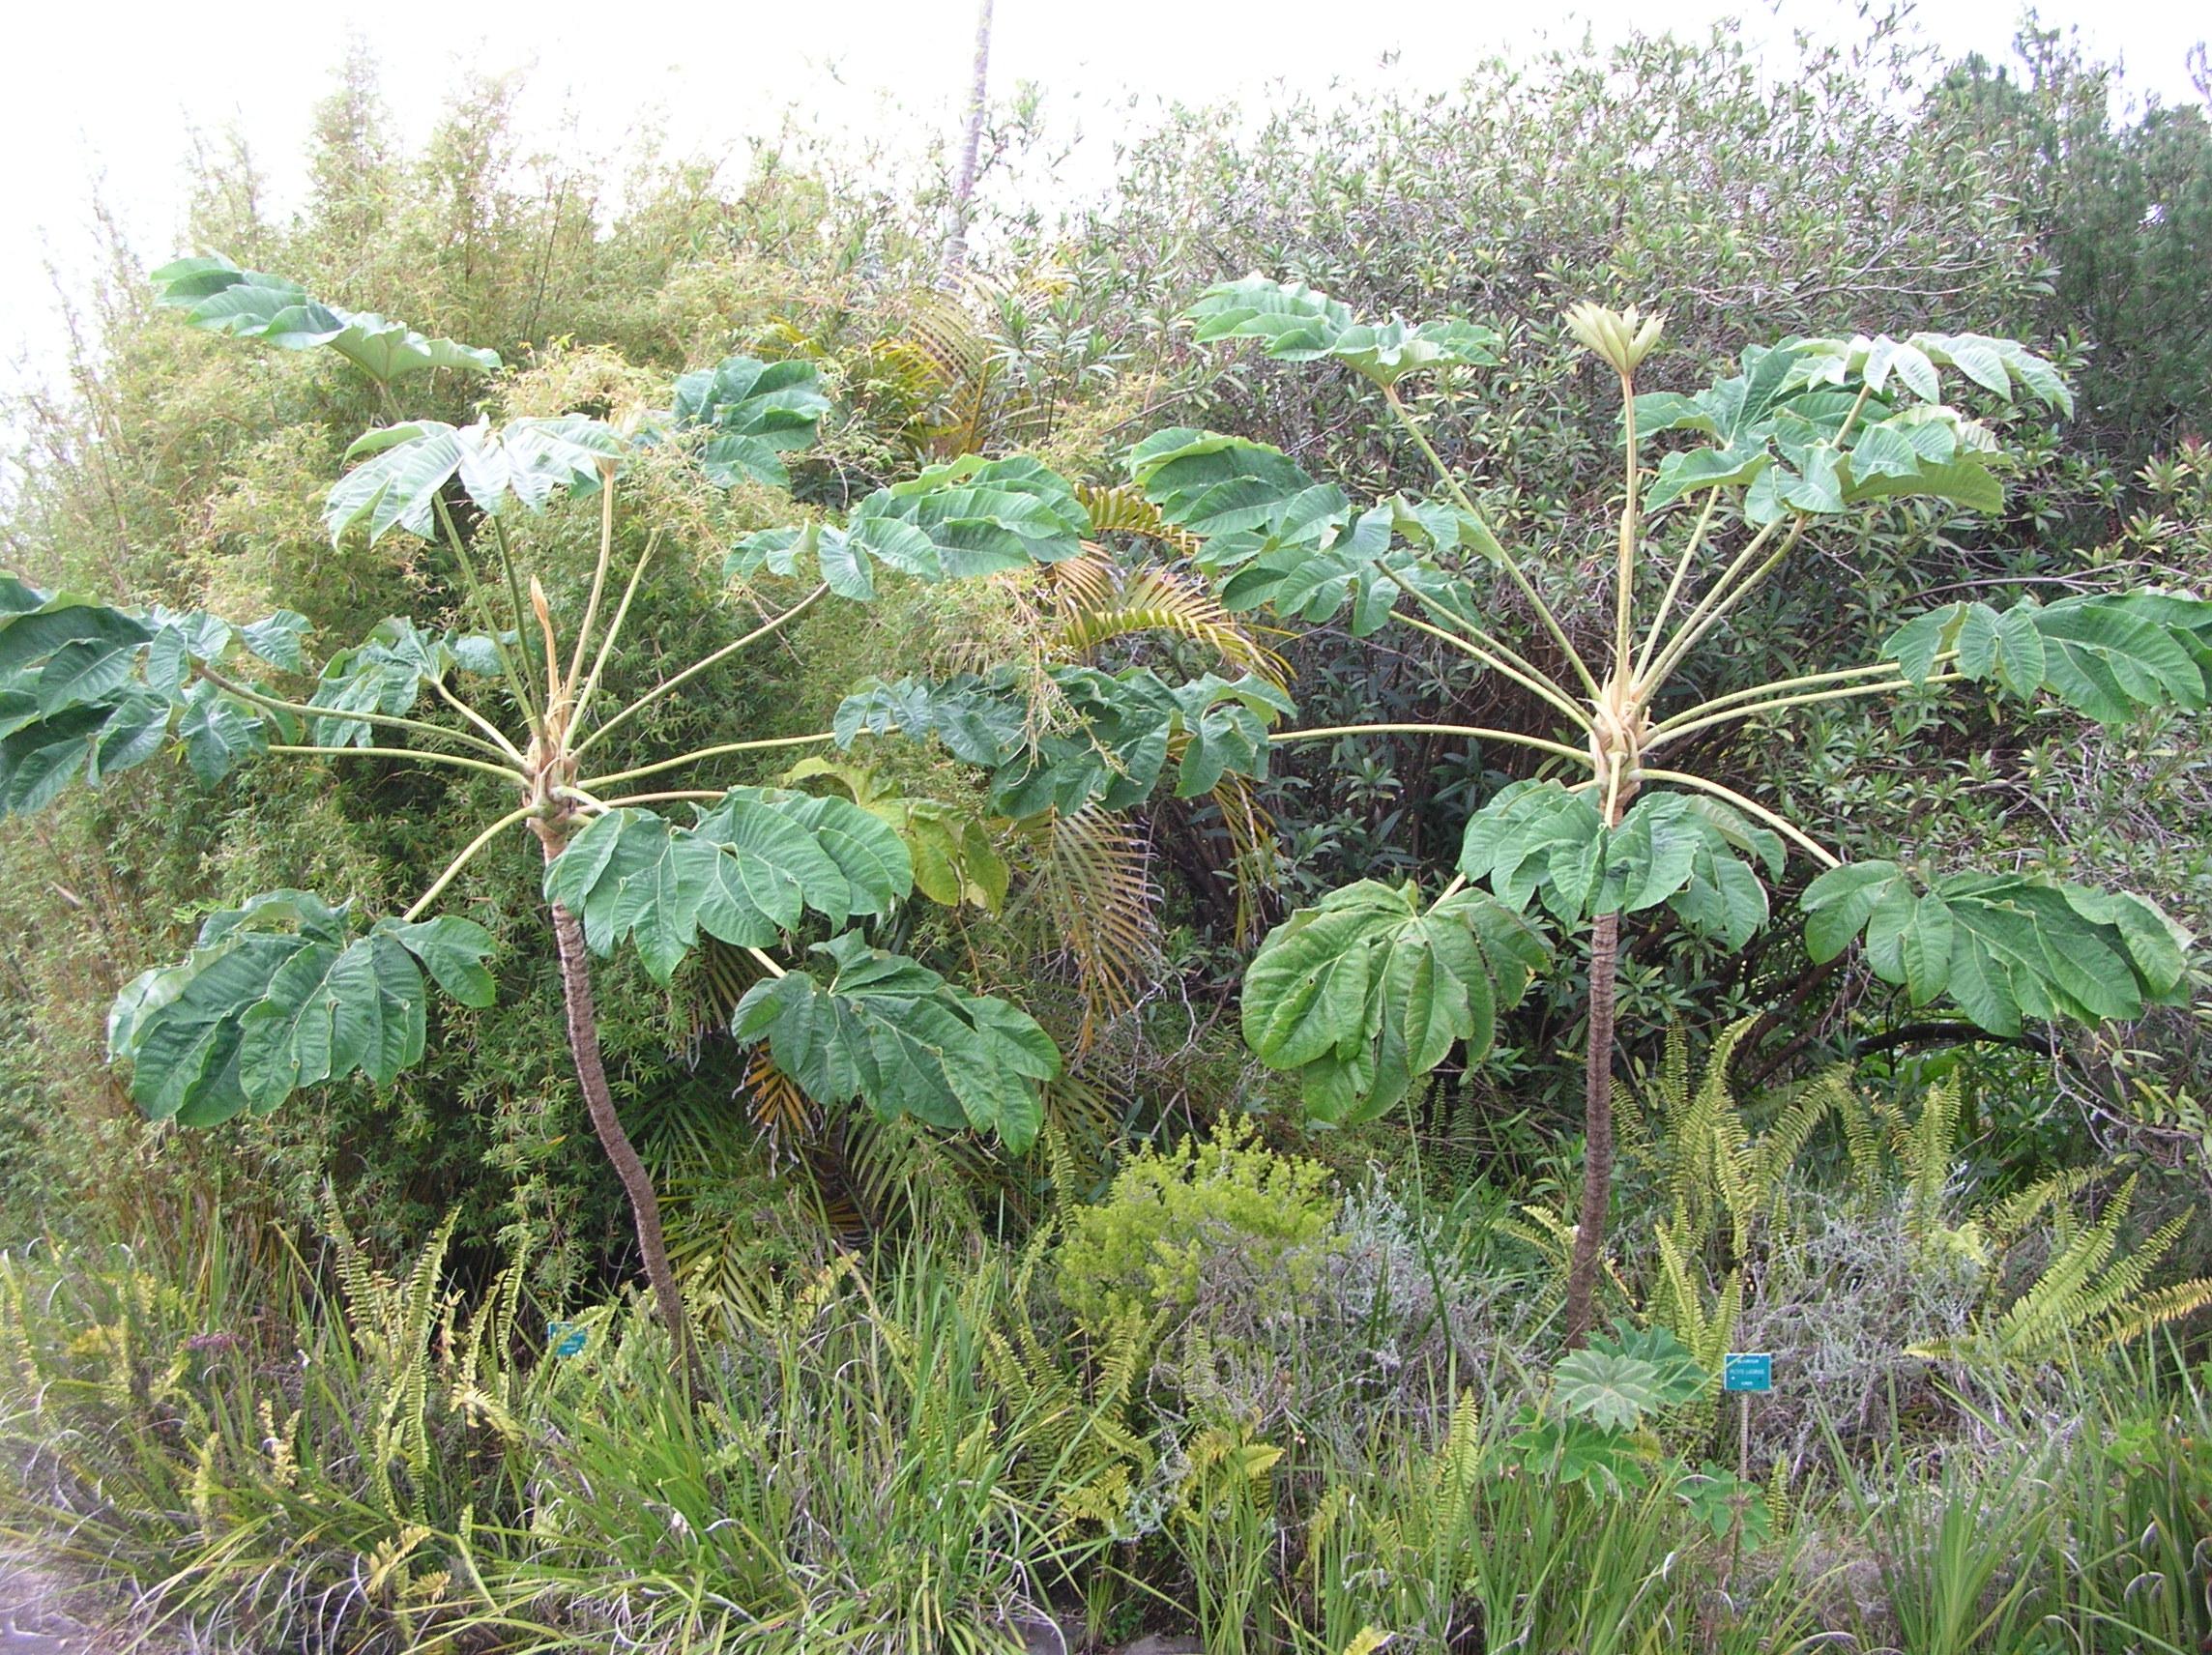 Tetrapanax papyrifer, una de las plantas que encontramos en cualquier jardín tropical de climas fríos.